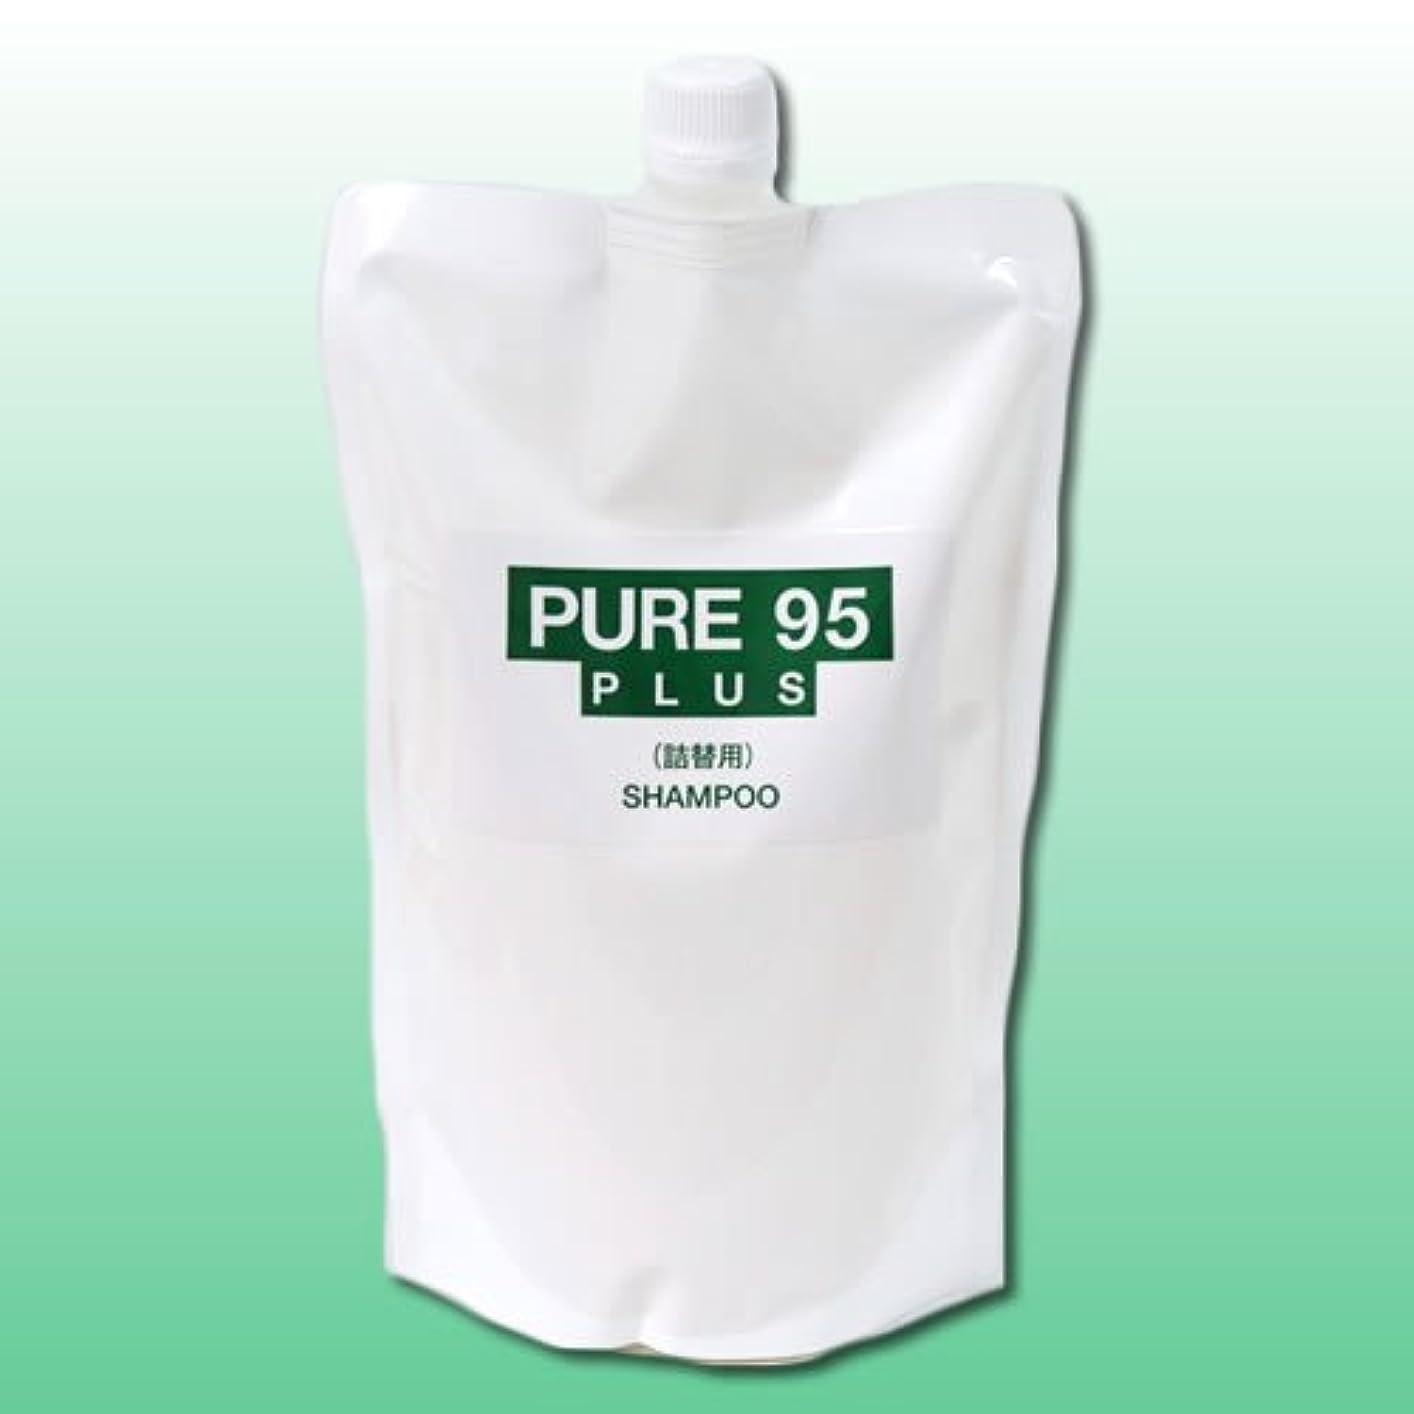 シュリンク着実にトランスミッションパーミングジャパン PURE95(ピュア95) プラスシャンプー 700ml (草原の香り) 詰替用